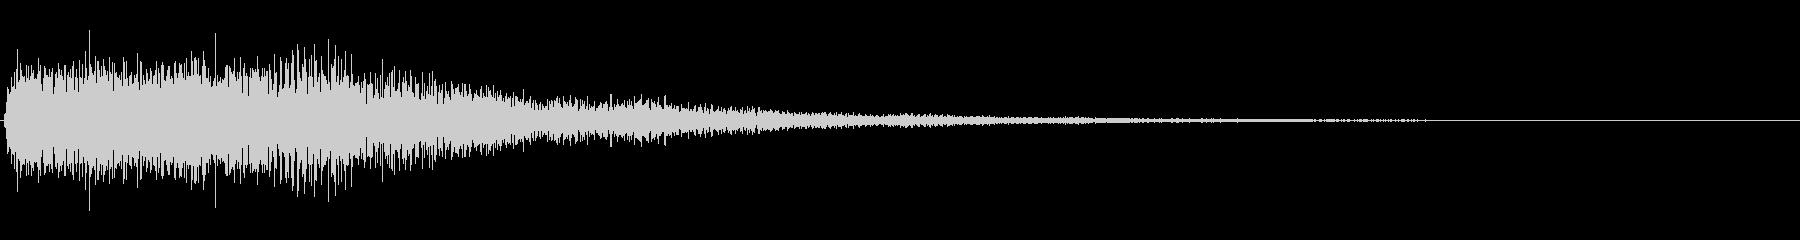 【 魔法/幻想/未来/不思議 ロゴ1】の未再生の波形